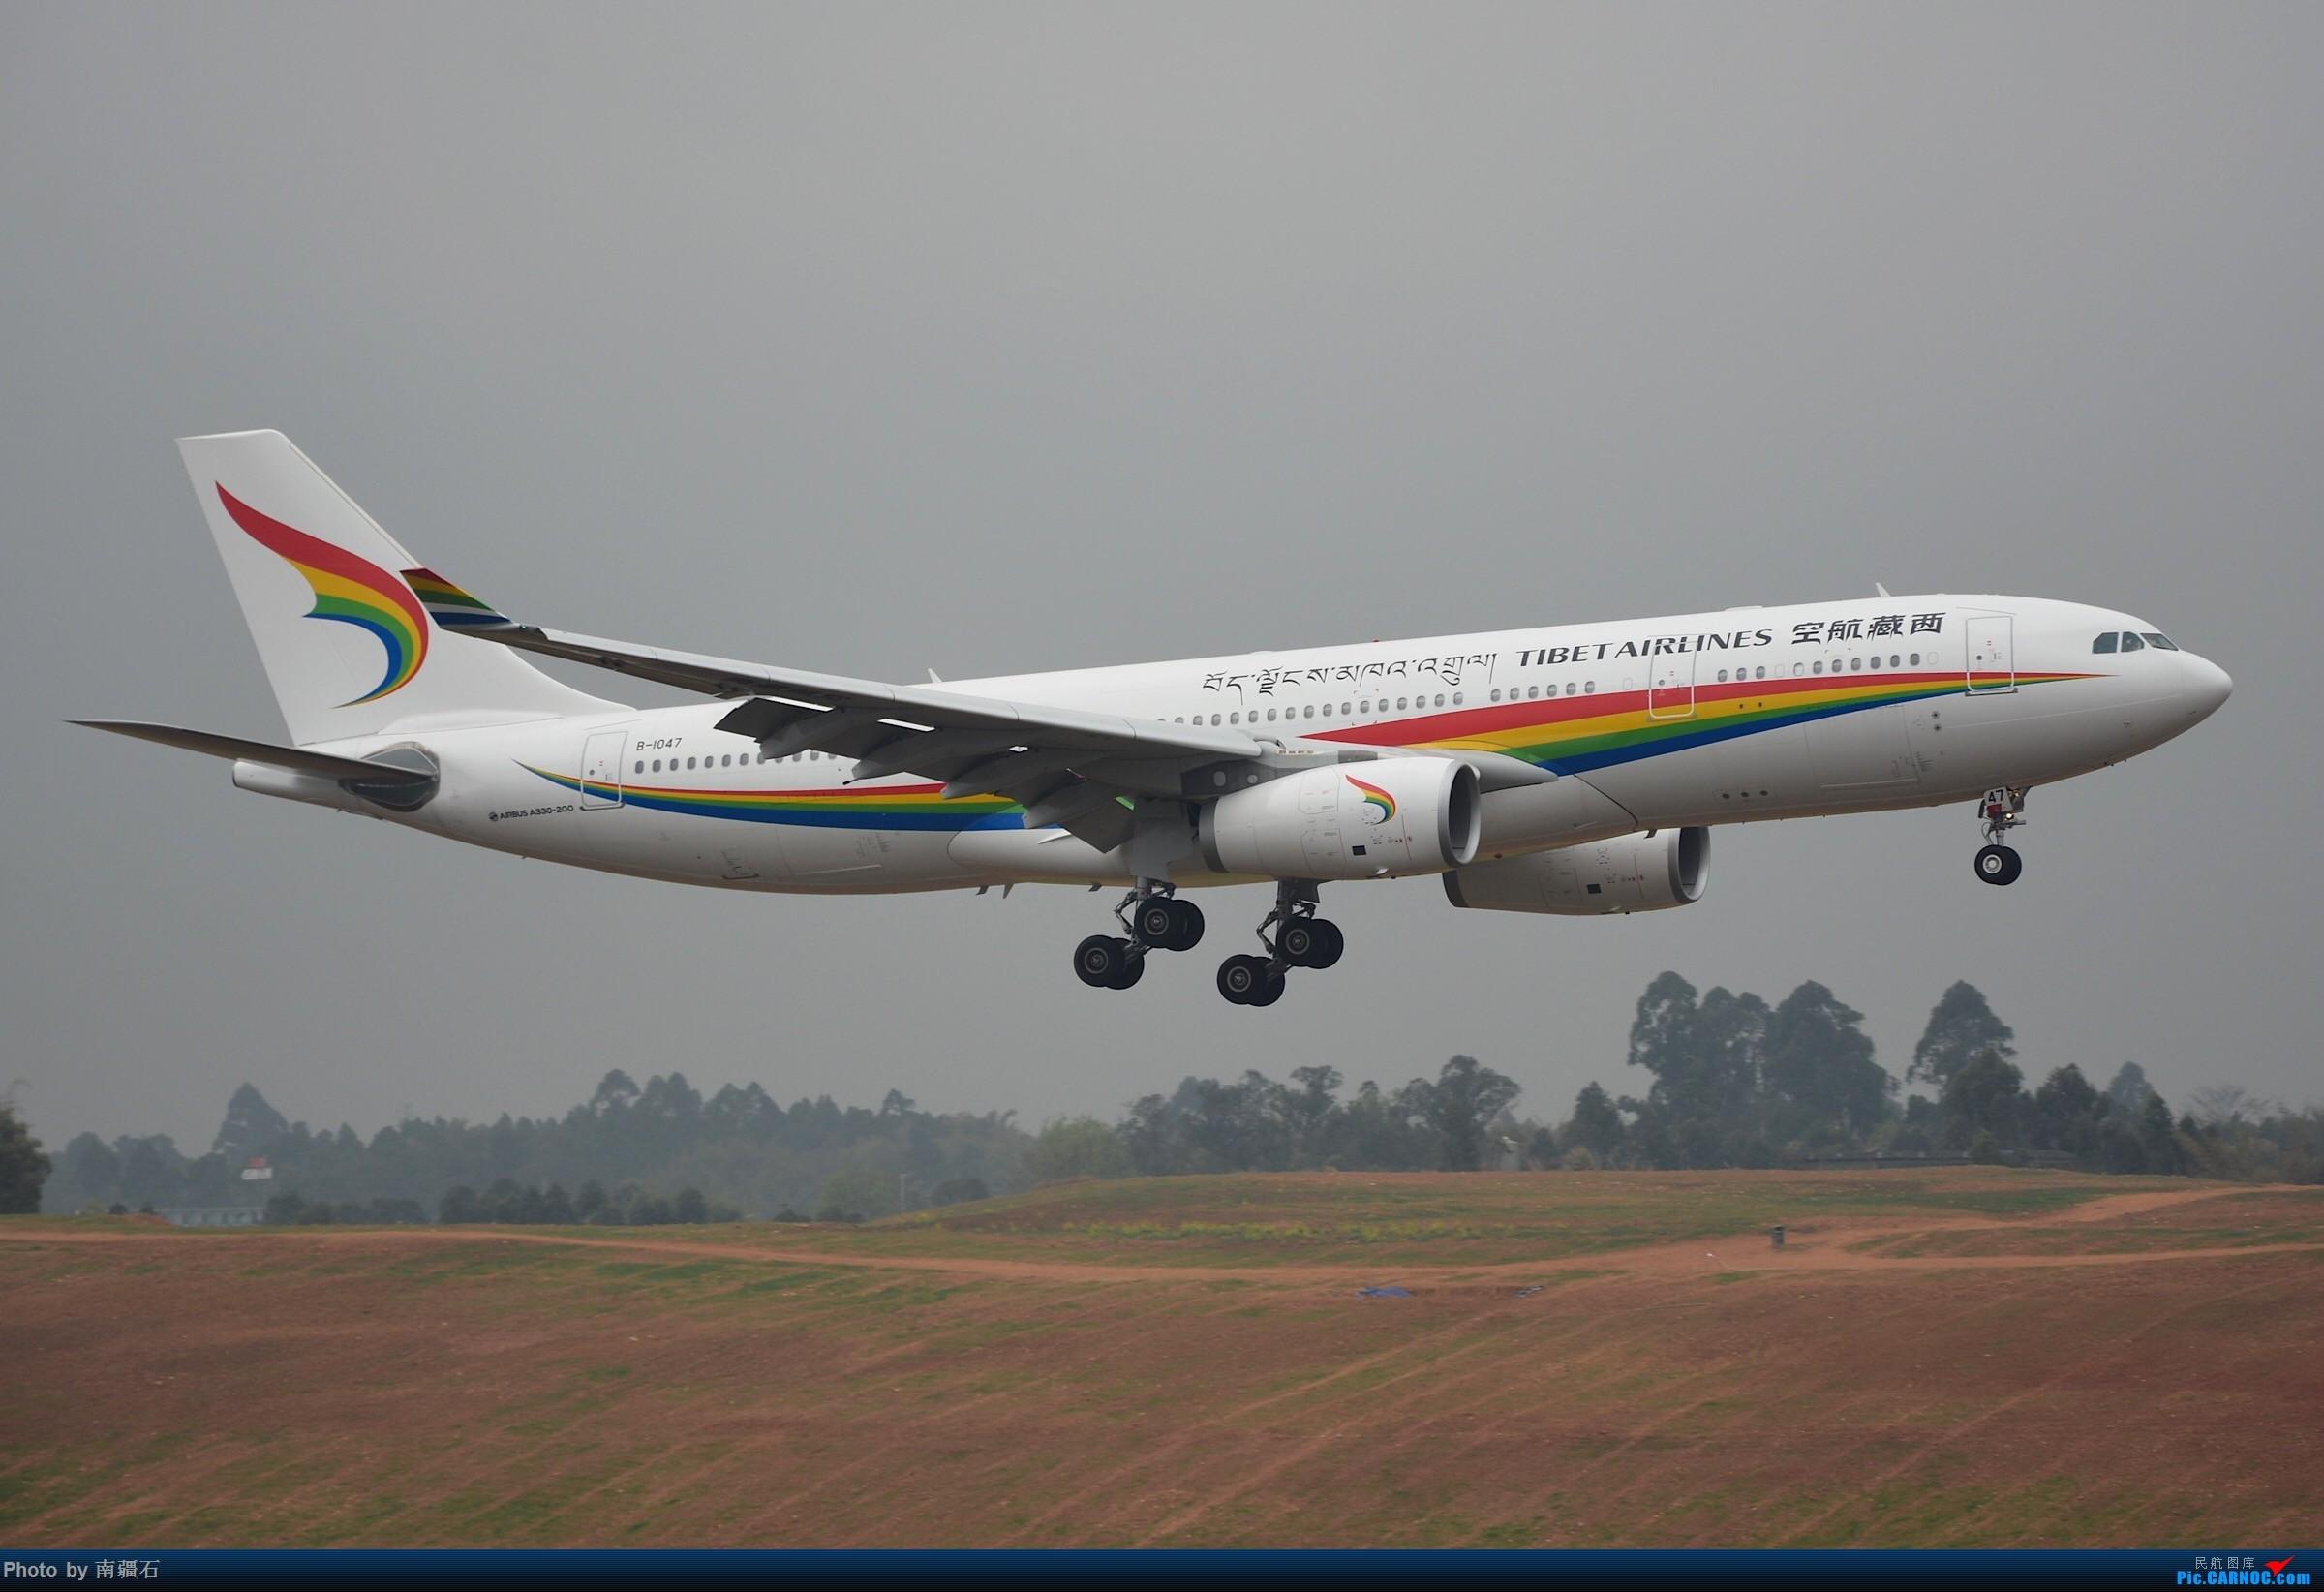 [原创]TV最新一只a332 B-1047 AIRBUS A330-200 B-1047 中国成都双流国际机场